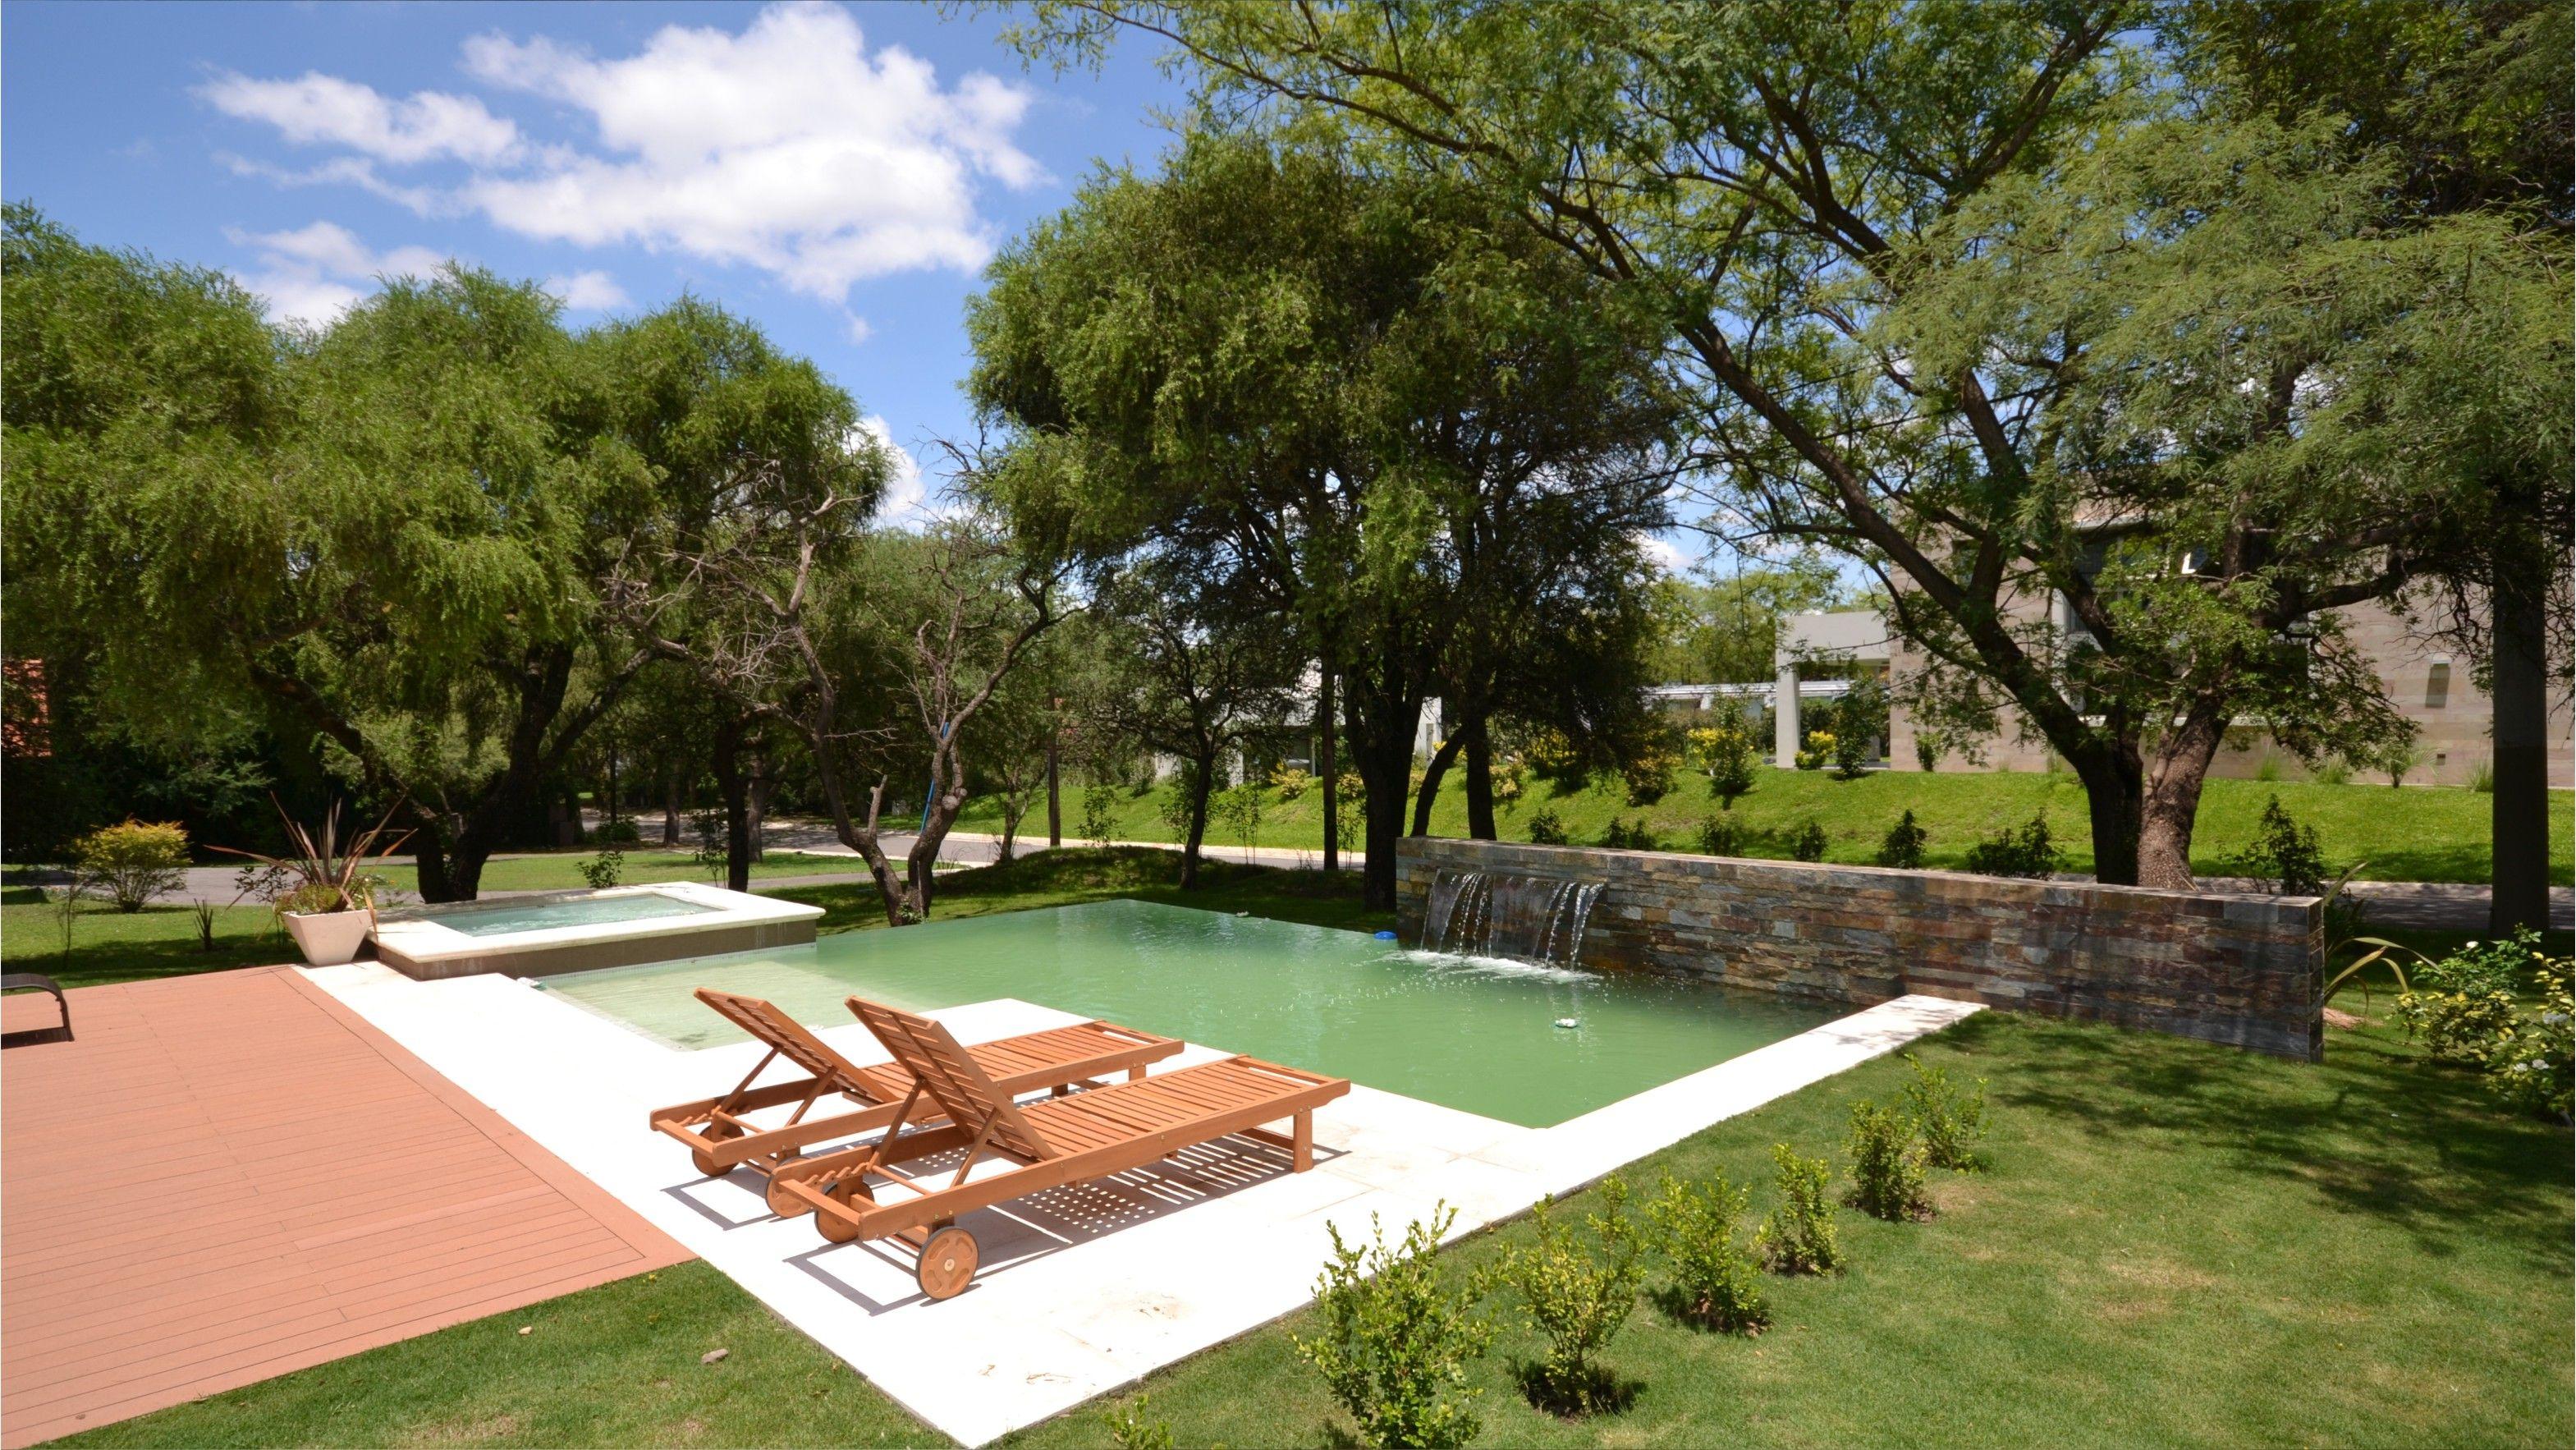 Piscina desborde infinito hidro lengua de agua muro - Diseno de piscinas ...